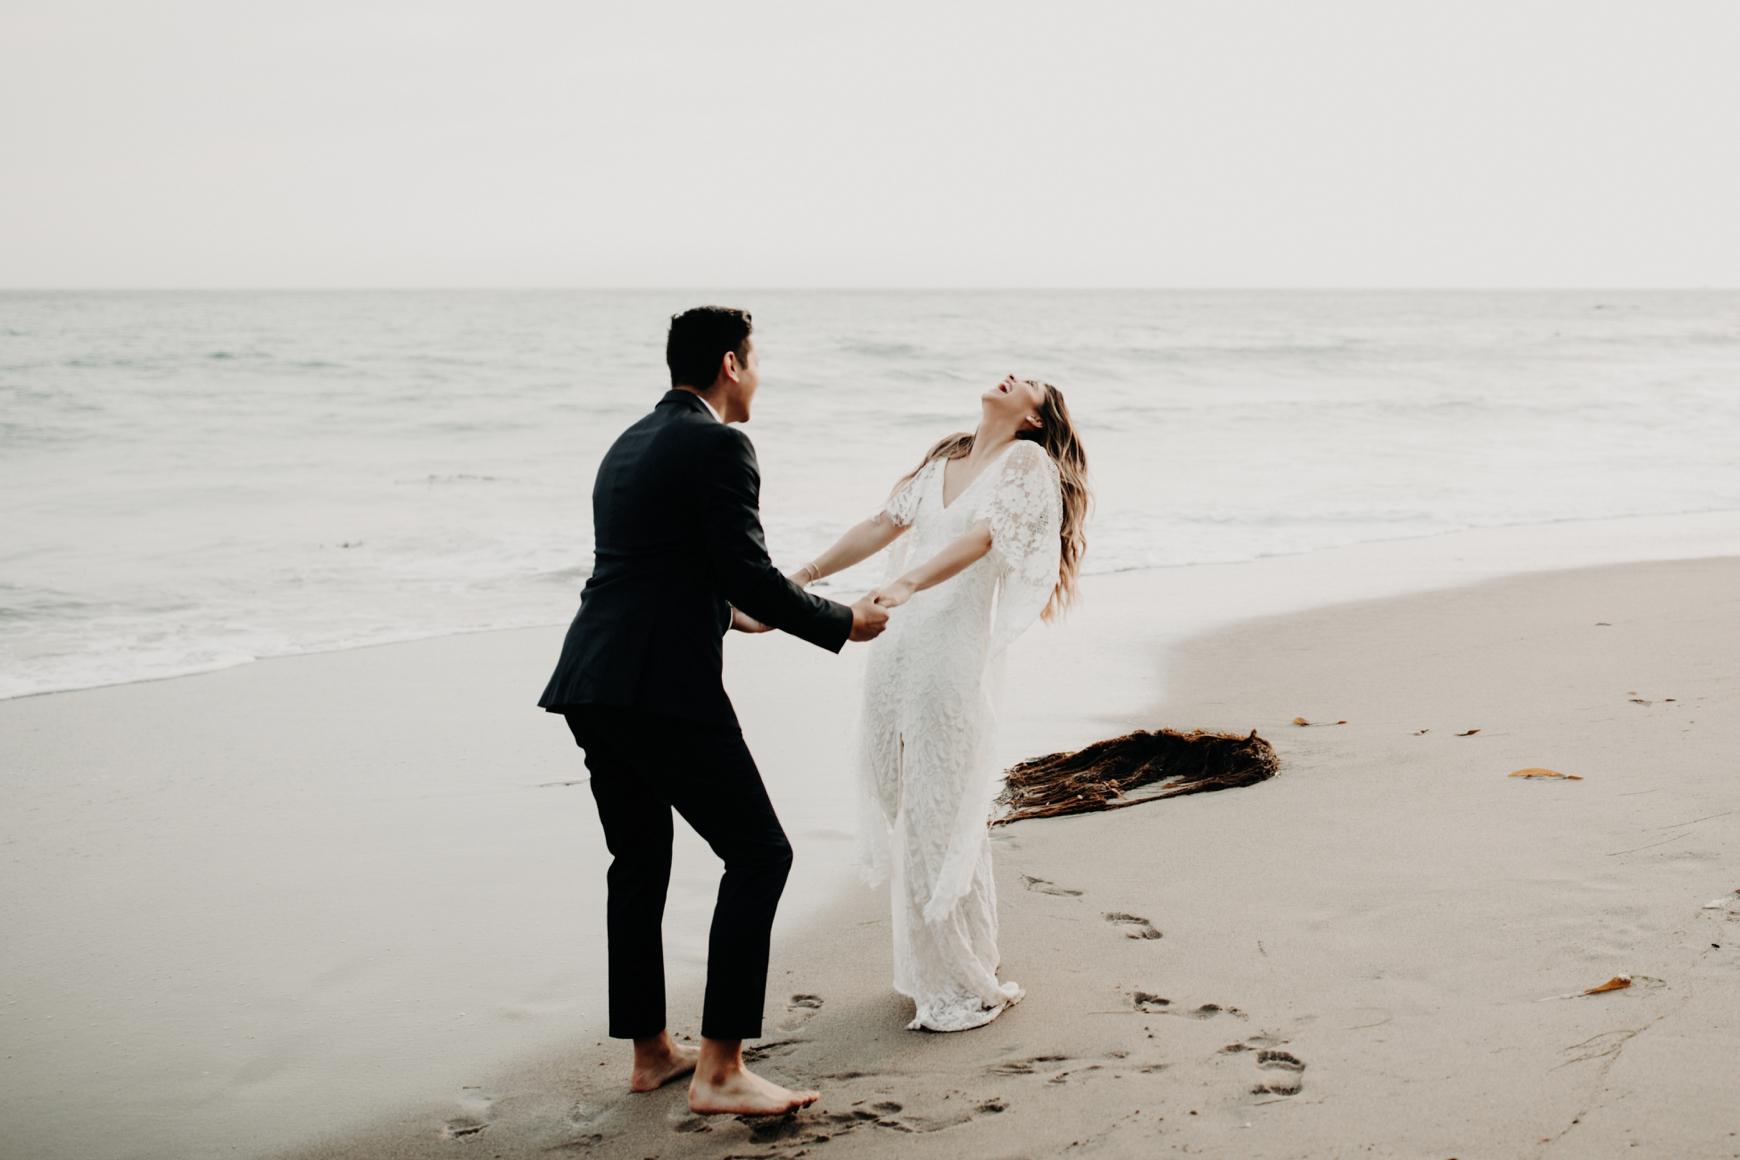 El Matador Beach Bridal Portraits Justellen & TJ Emily Magers Photography-259Emily Magers Photography.jpg